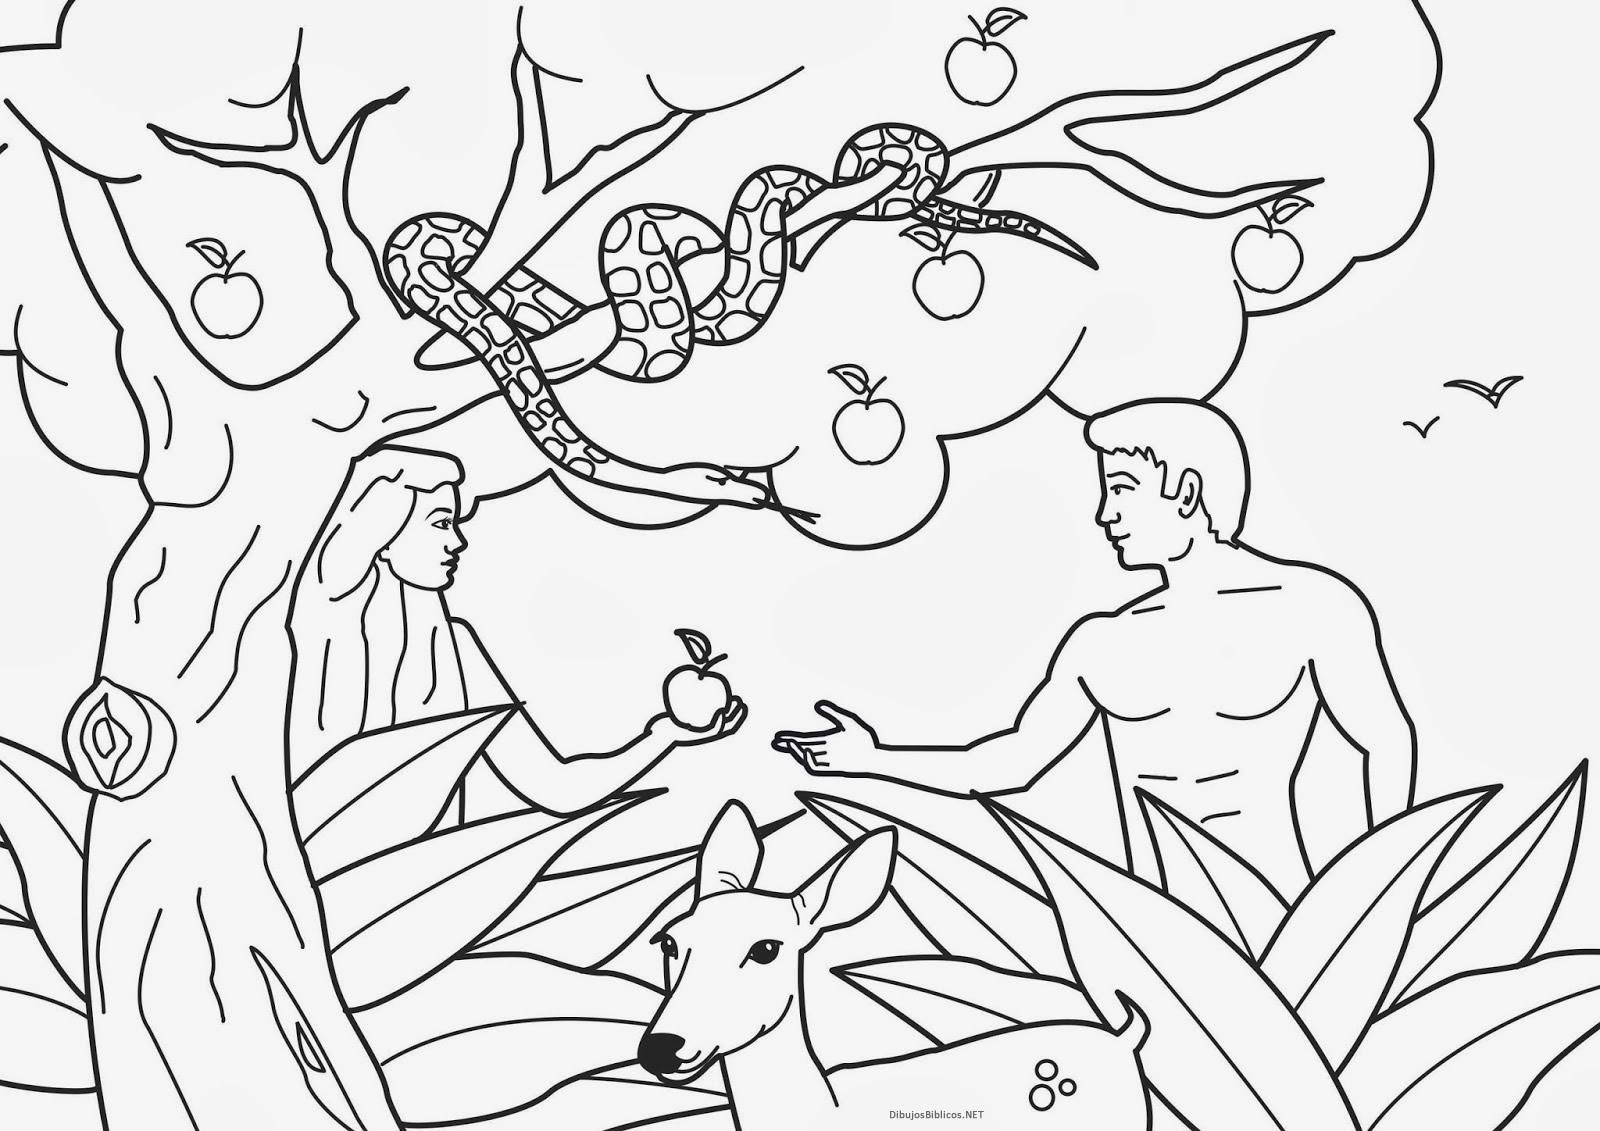 Dibujos_Para_Colorear_De_Adan_y_Eva12.jpg